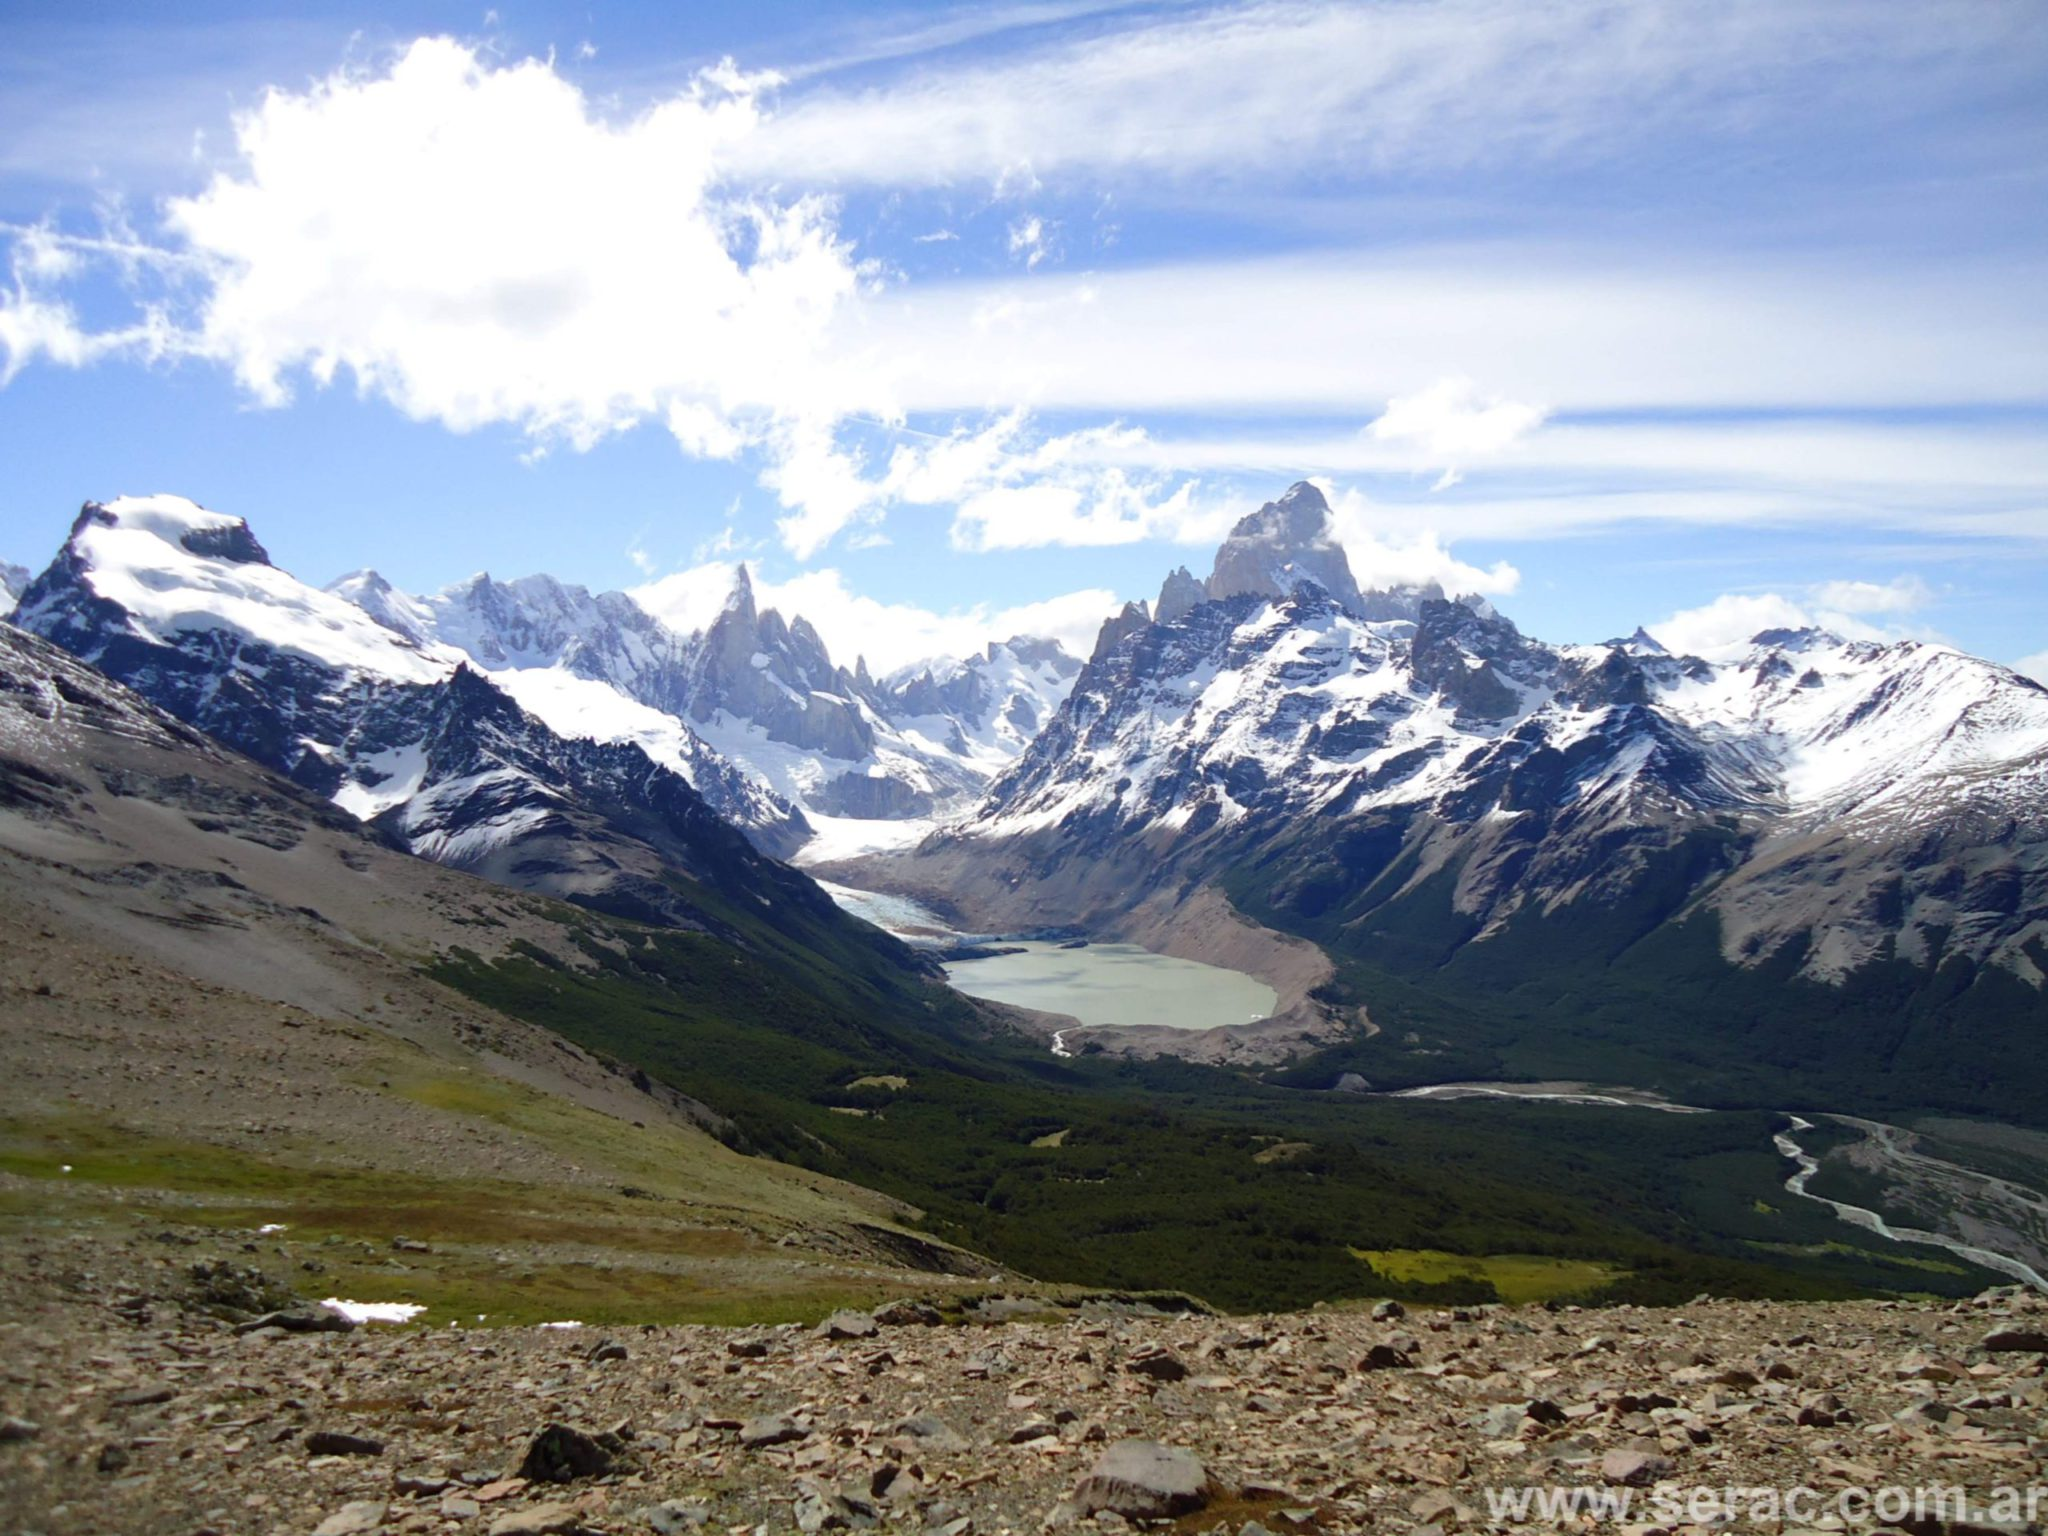 5 day Patagonia trekking holiday: El Chalten Trek in Argentina